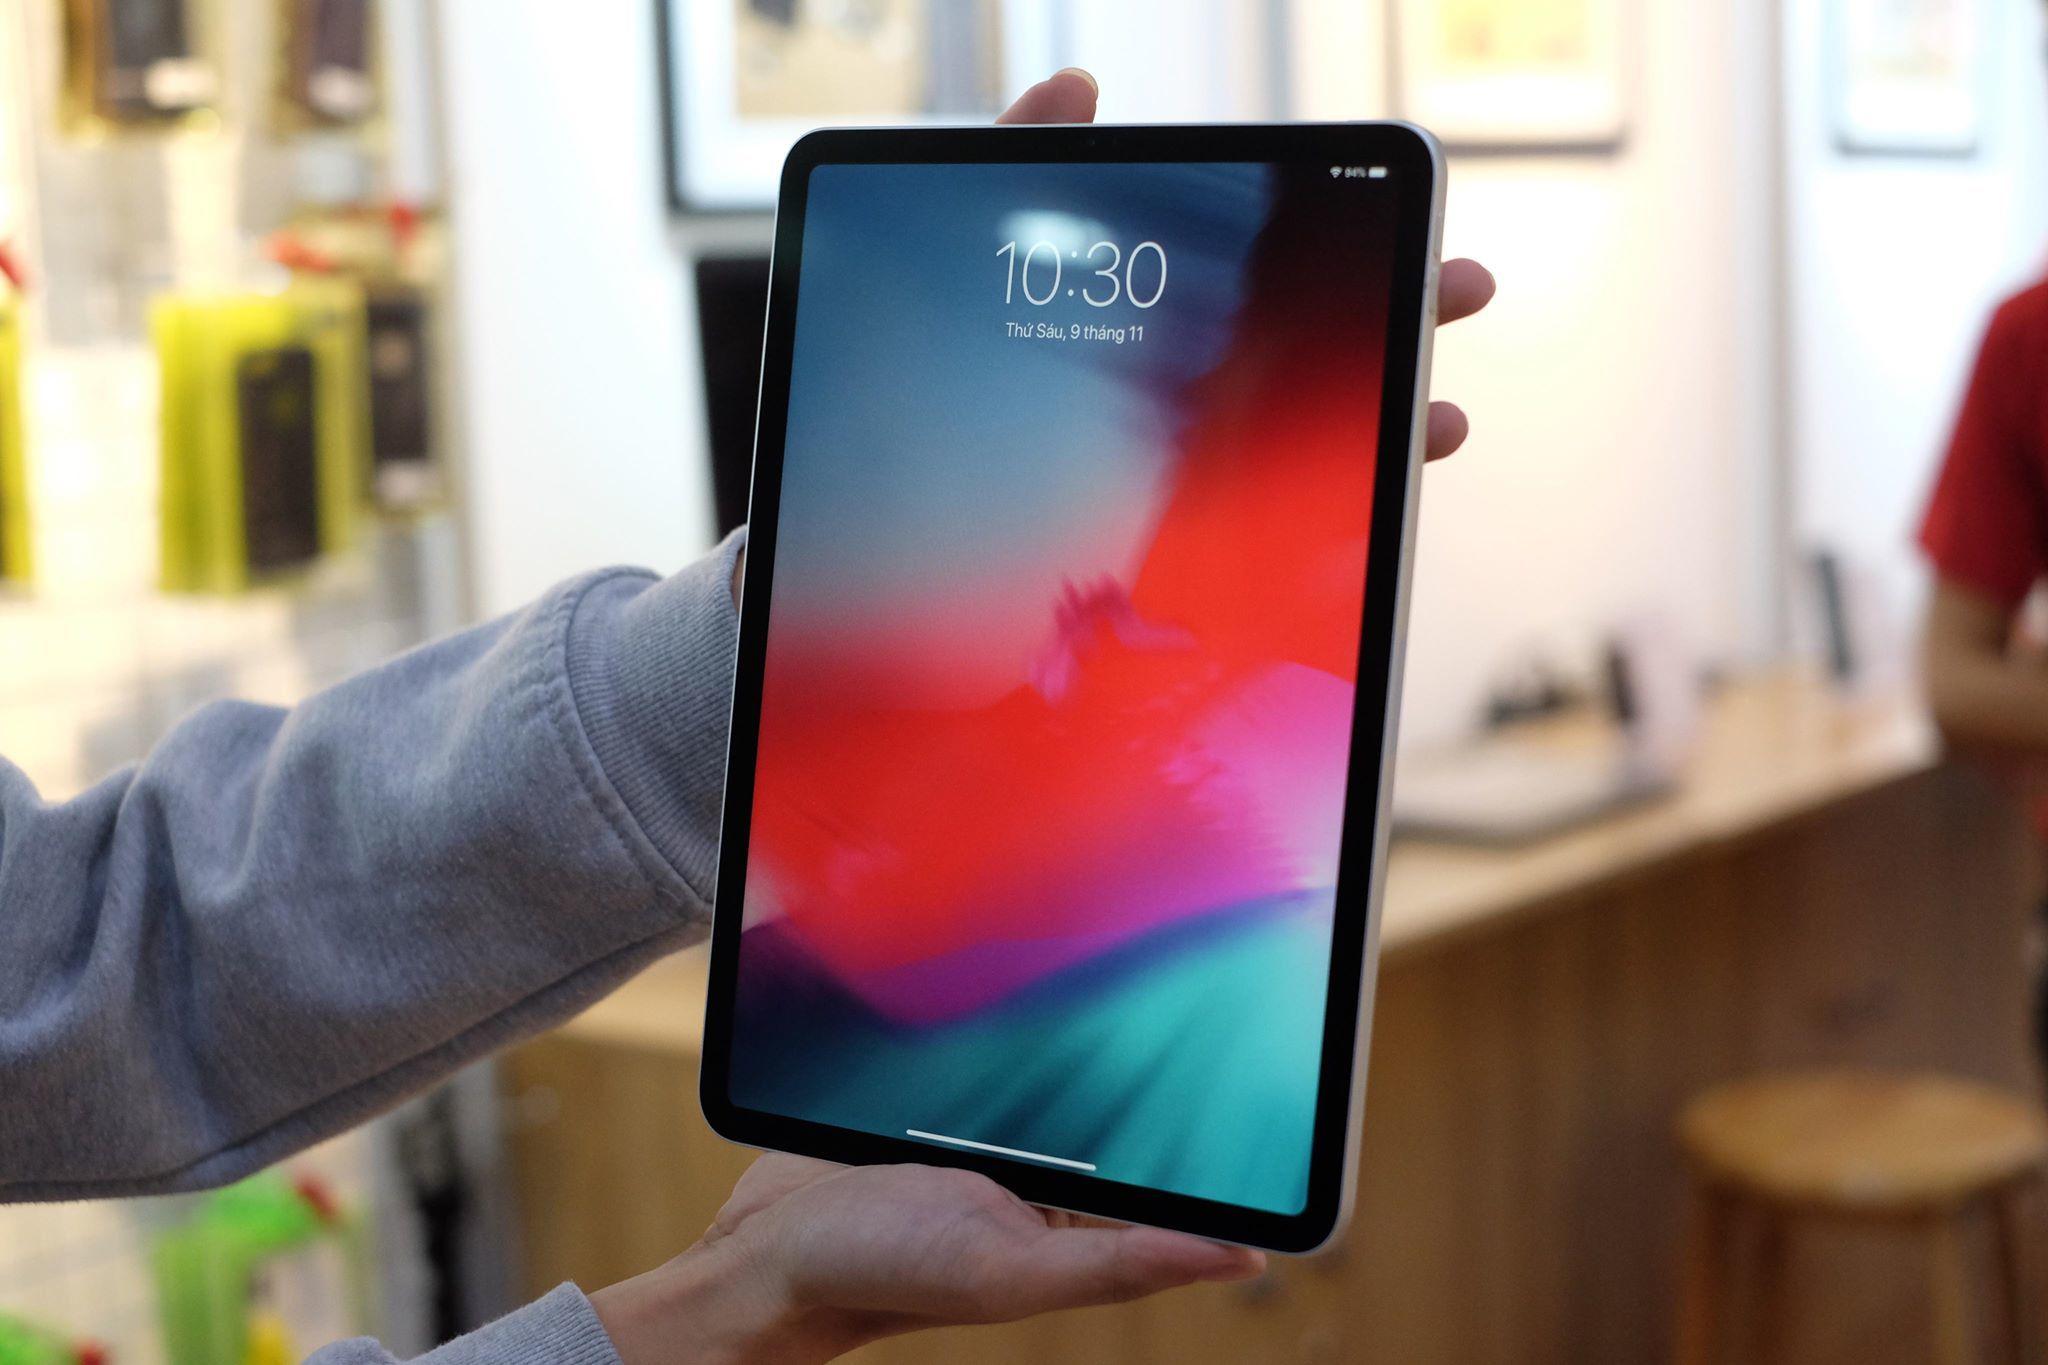 iPad Pro 2018 được trang bị chip A12X Bionic. Theo giải thích của đại diện Apple, chữ X ở đây thể hiện con chip này tốt hơn chip A12 trên iPhone Xs. Con chip 7nm này chứa khoảng 10 tỷ bóng bán dẫn. Nhờ vậy mà iPad Pro mới có tốc độ xử lý tổng thể nhanh hơn 35% so với thế hệ iPad trước đây.